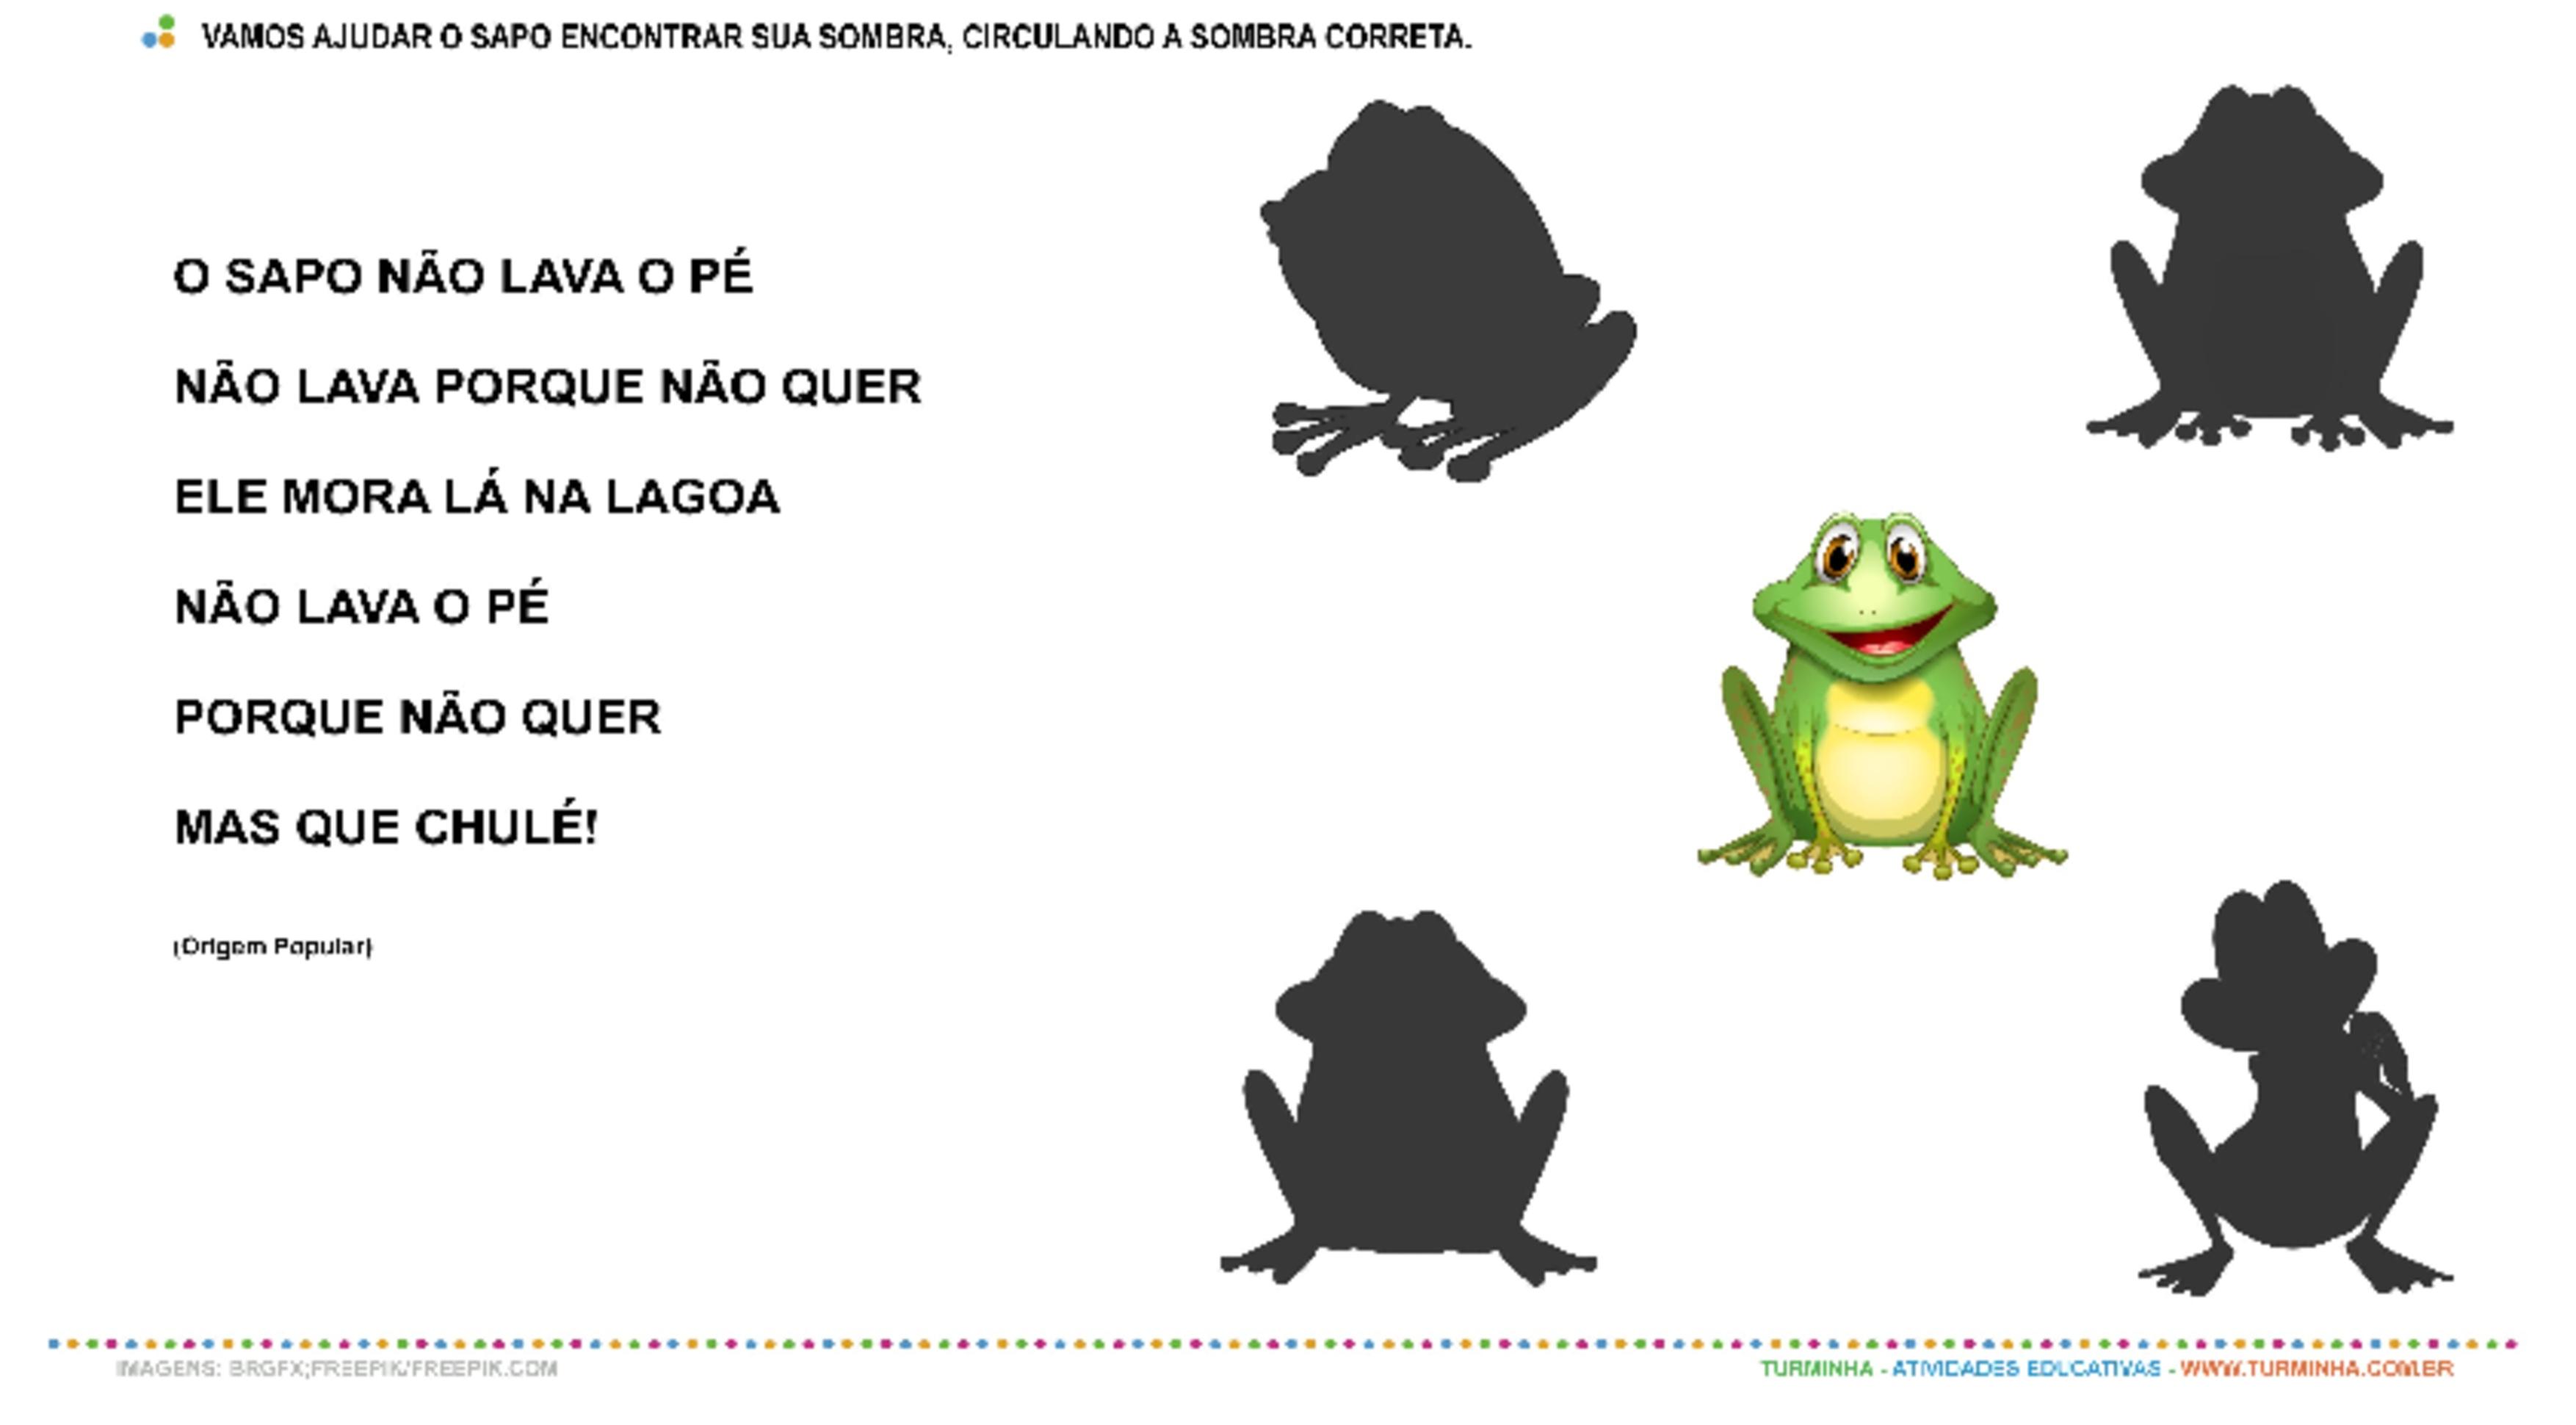 O Sapo não lava o Pé - Jogo das Sombras - atividade educativa para Creche (0 a 3 anos)